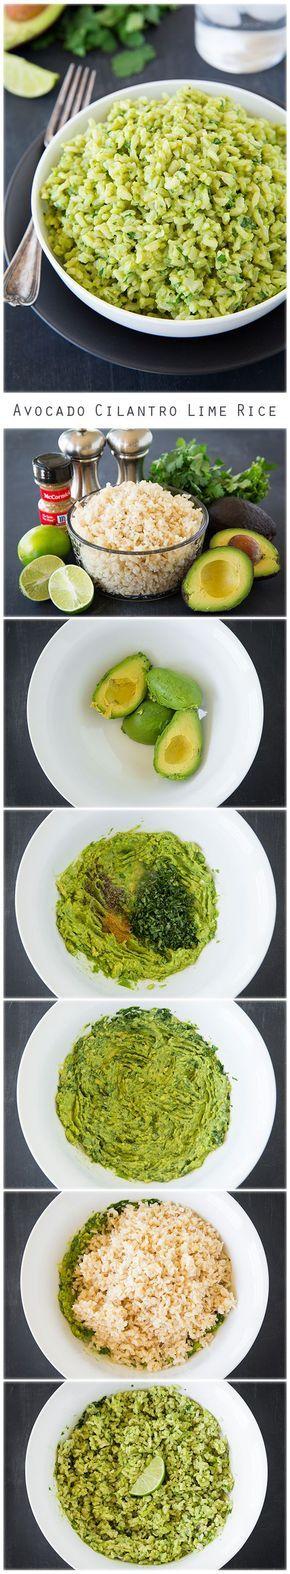 avocado-cilantro-lime-rice